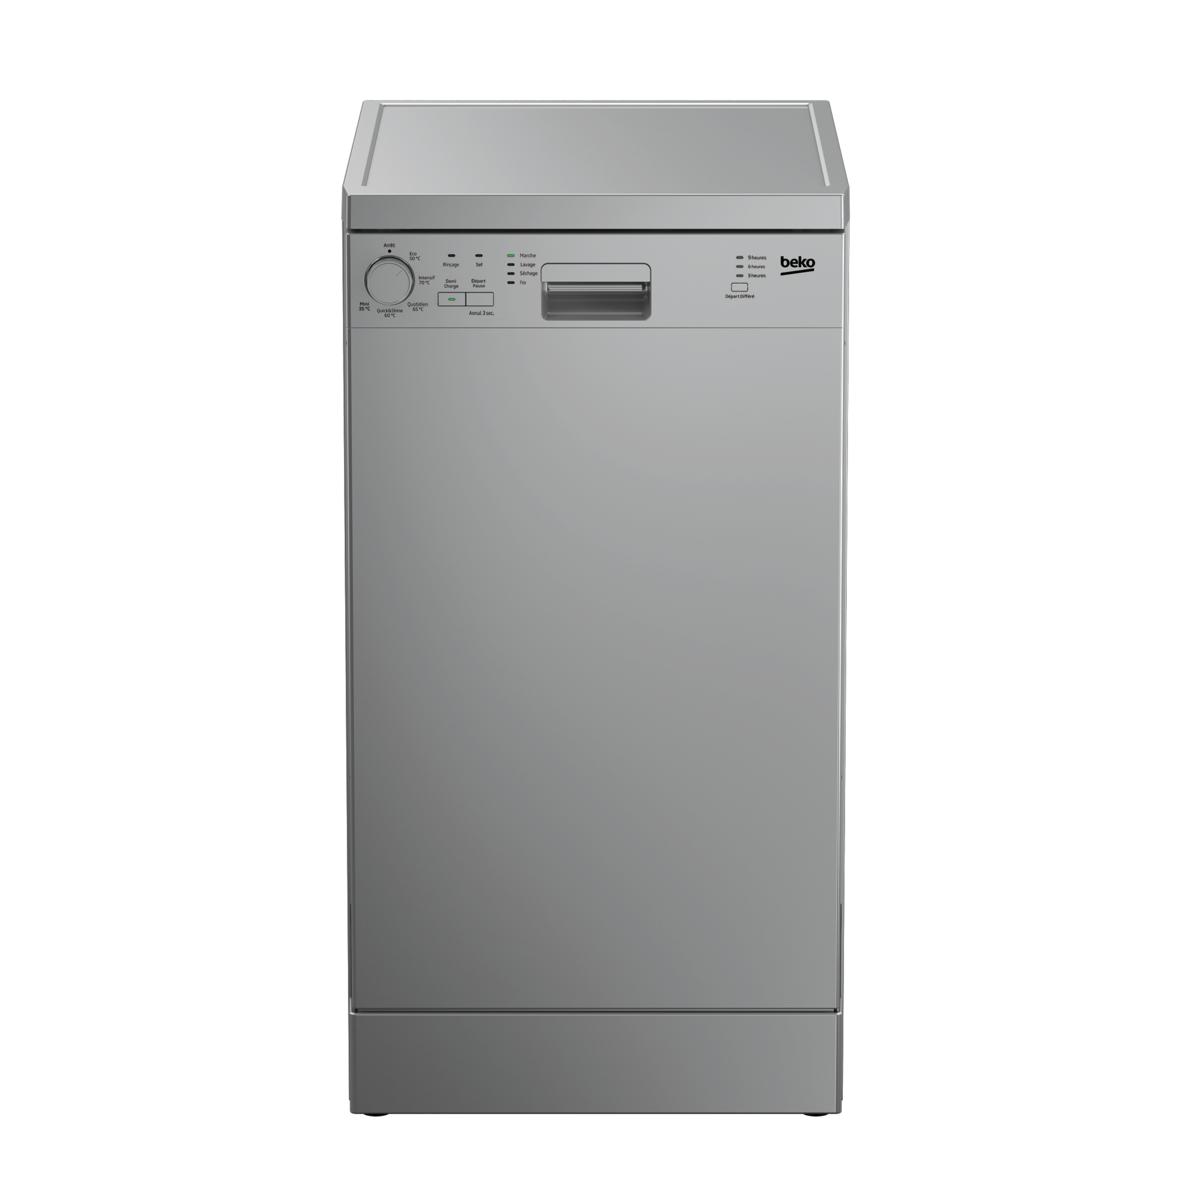 Lave vaisselle pose libre DFS05011S